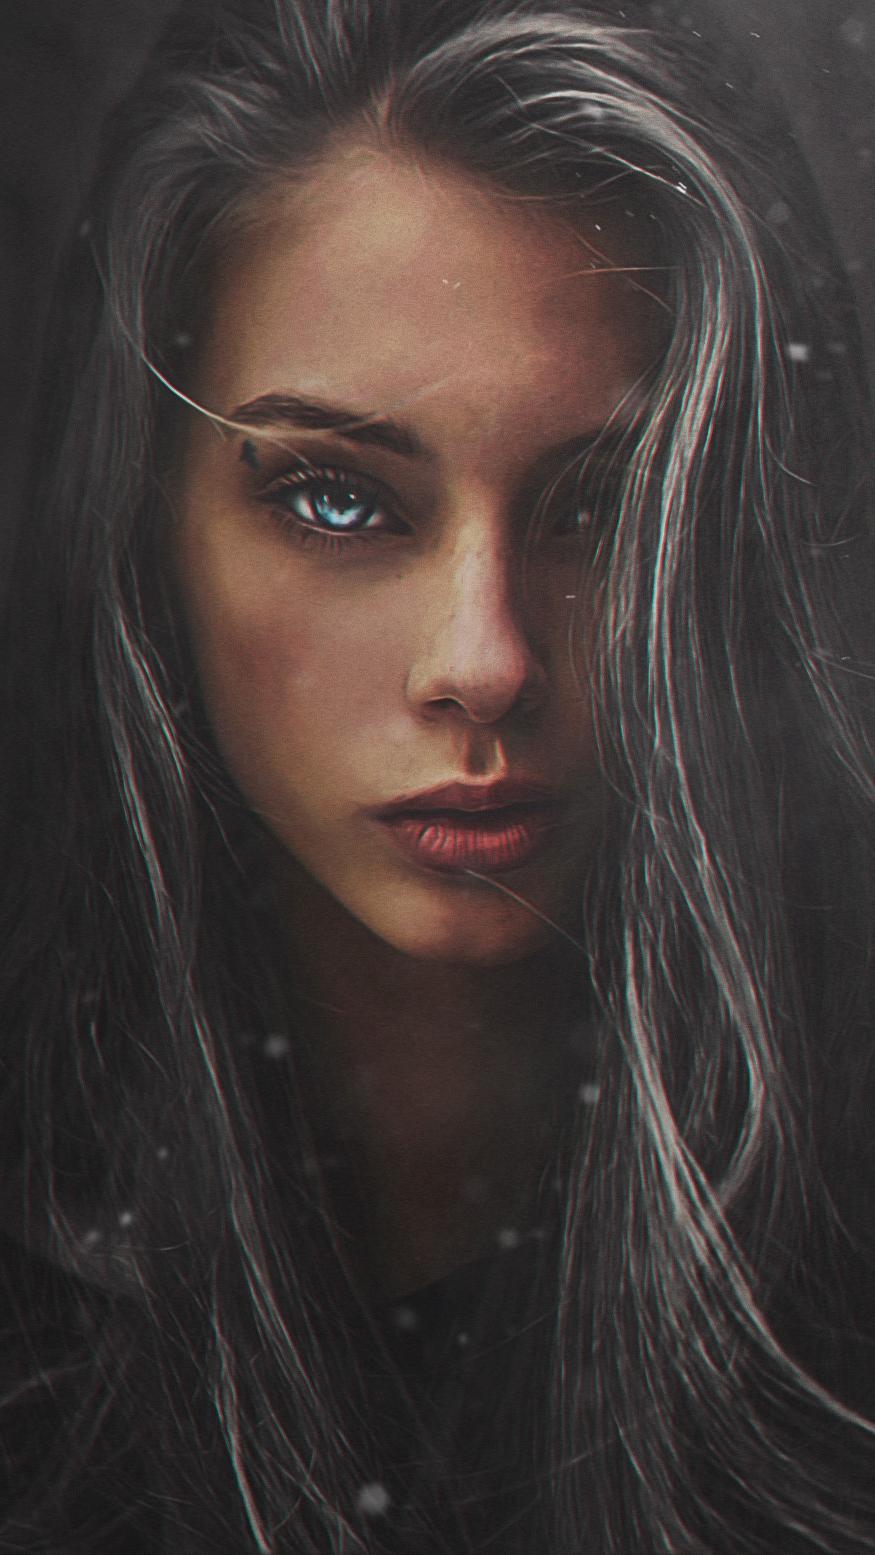 Girl Portrait Art Blue Eyes iPhone Wallpaper iphoneswallpapers com